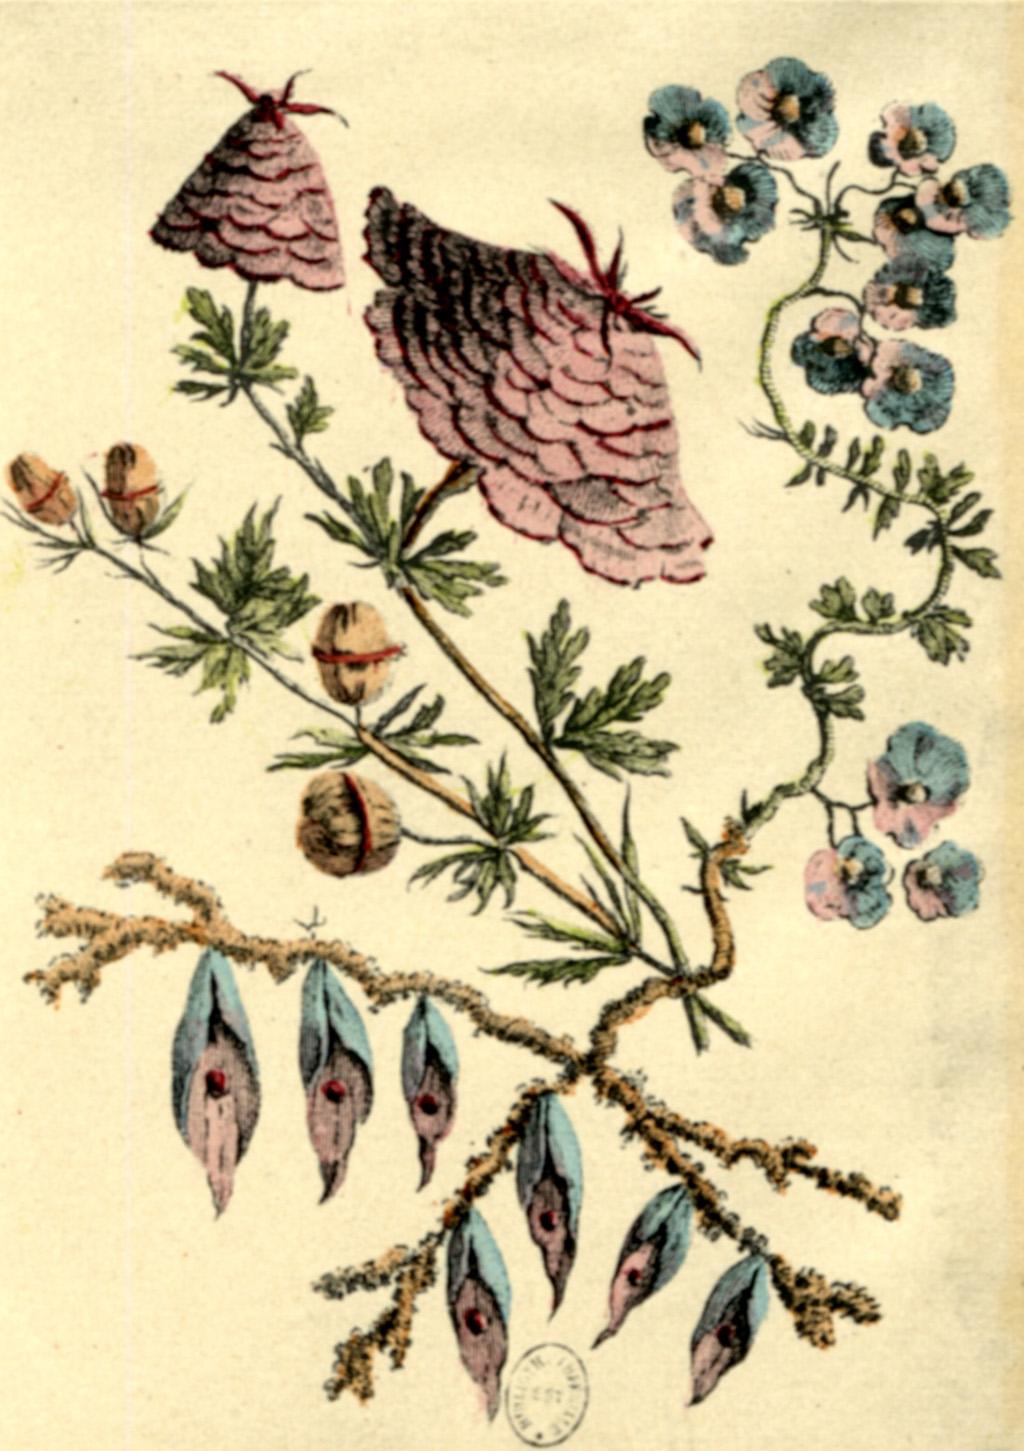 Jean Pillement. Plate 39 from Recoeil de fleurs de Caprice Inventé (1760), Engraved by P.-C. Canot.